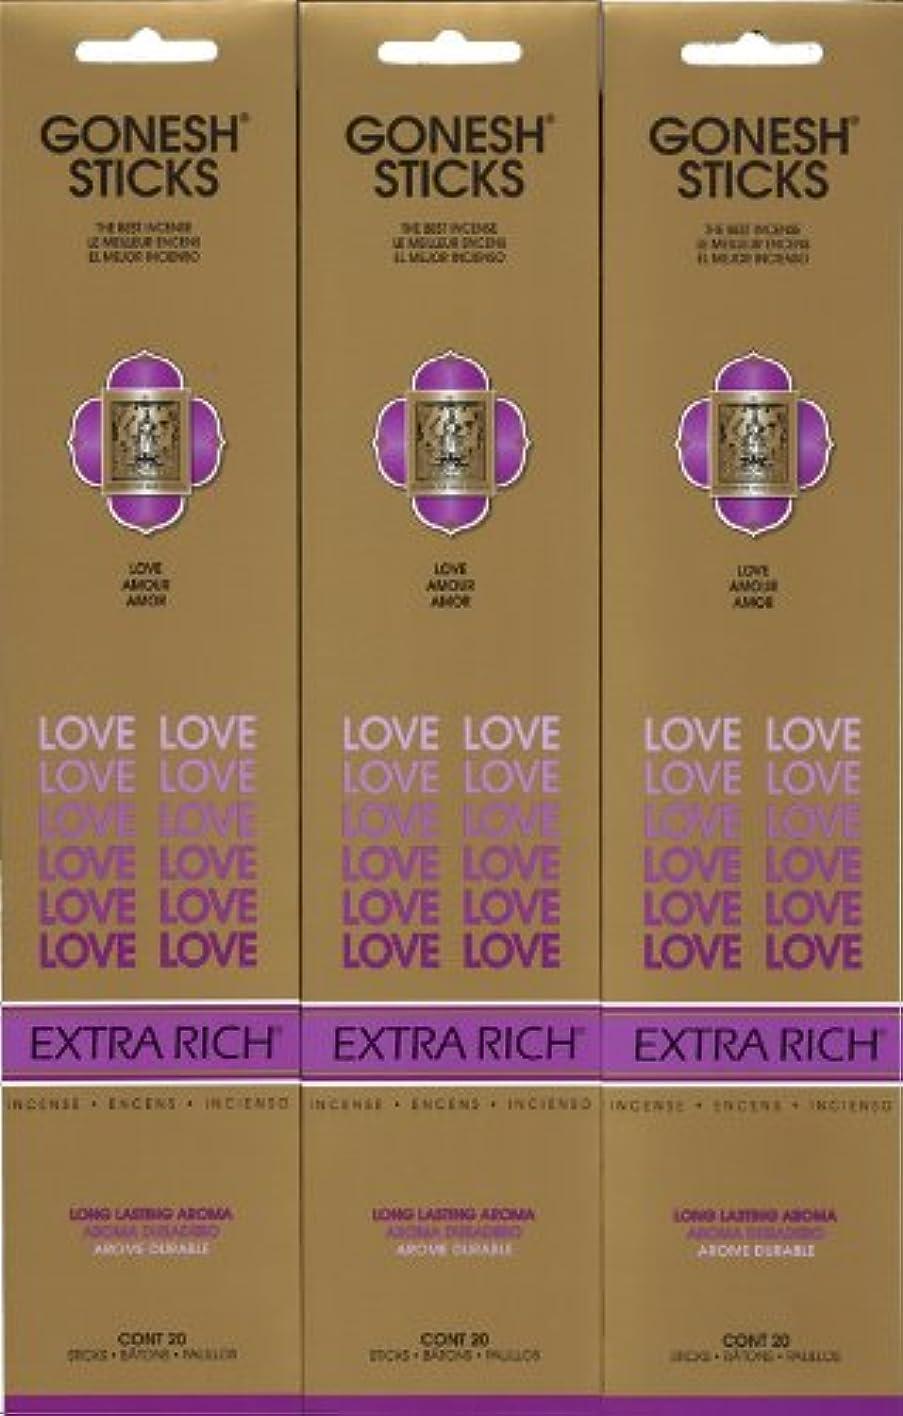 忍耐パパ種類GONESH LOVE ラブ スティック 20本入り X 3パック (60本)